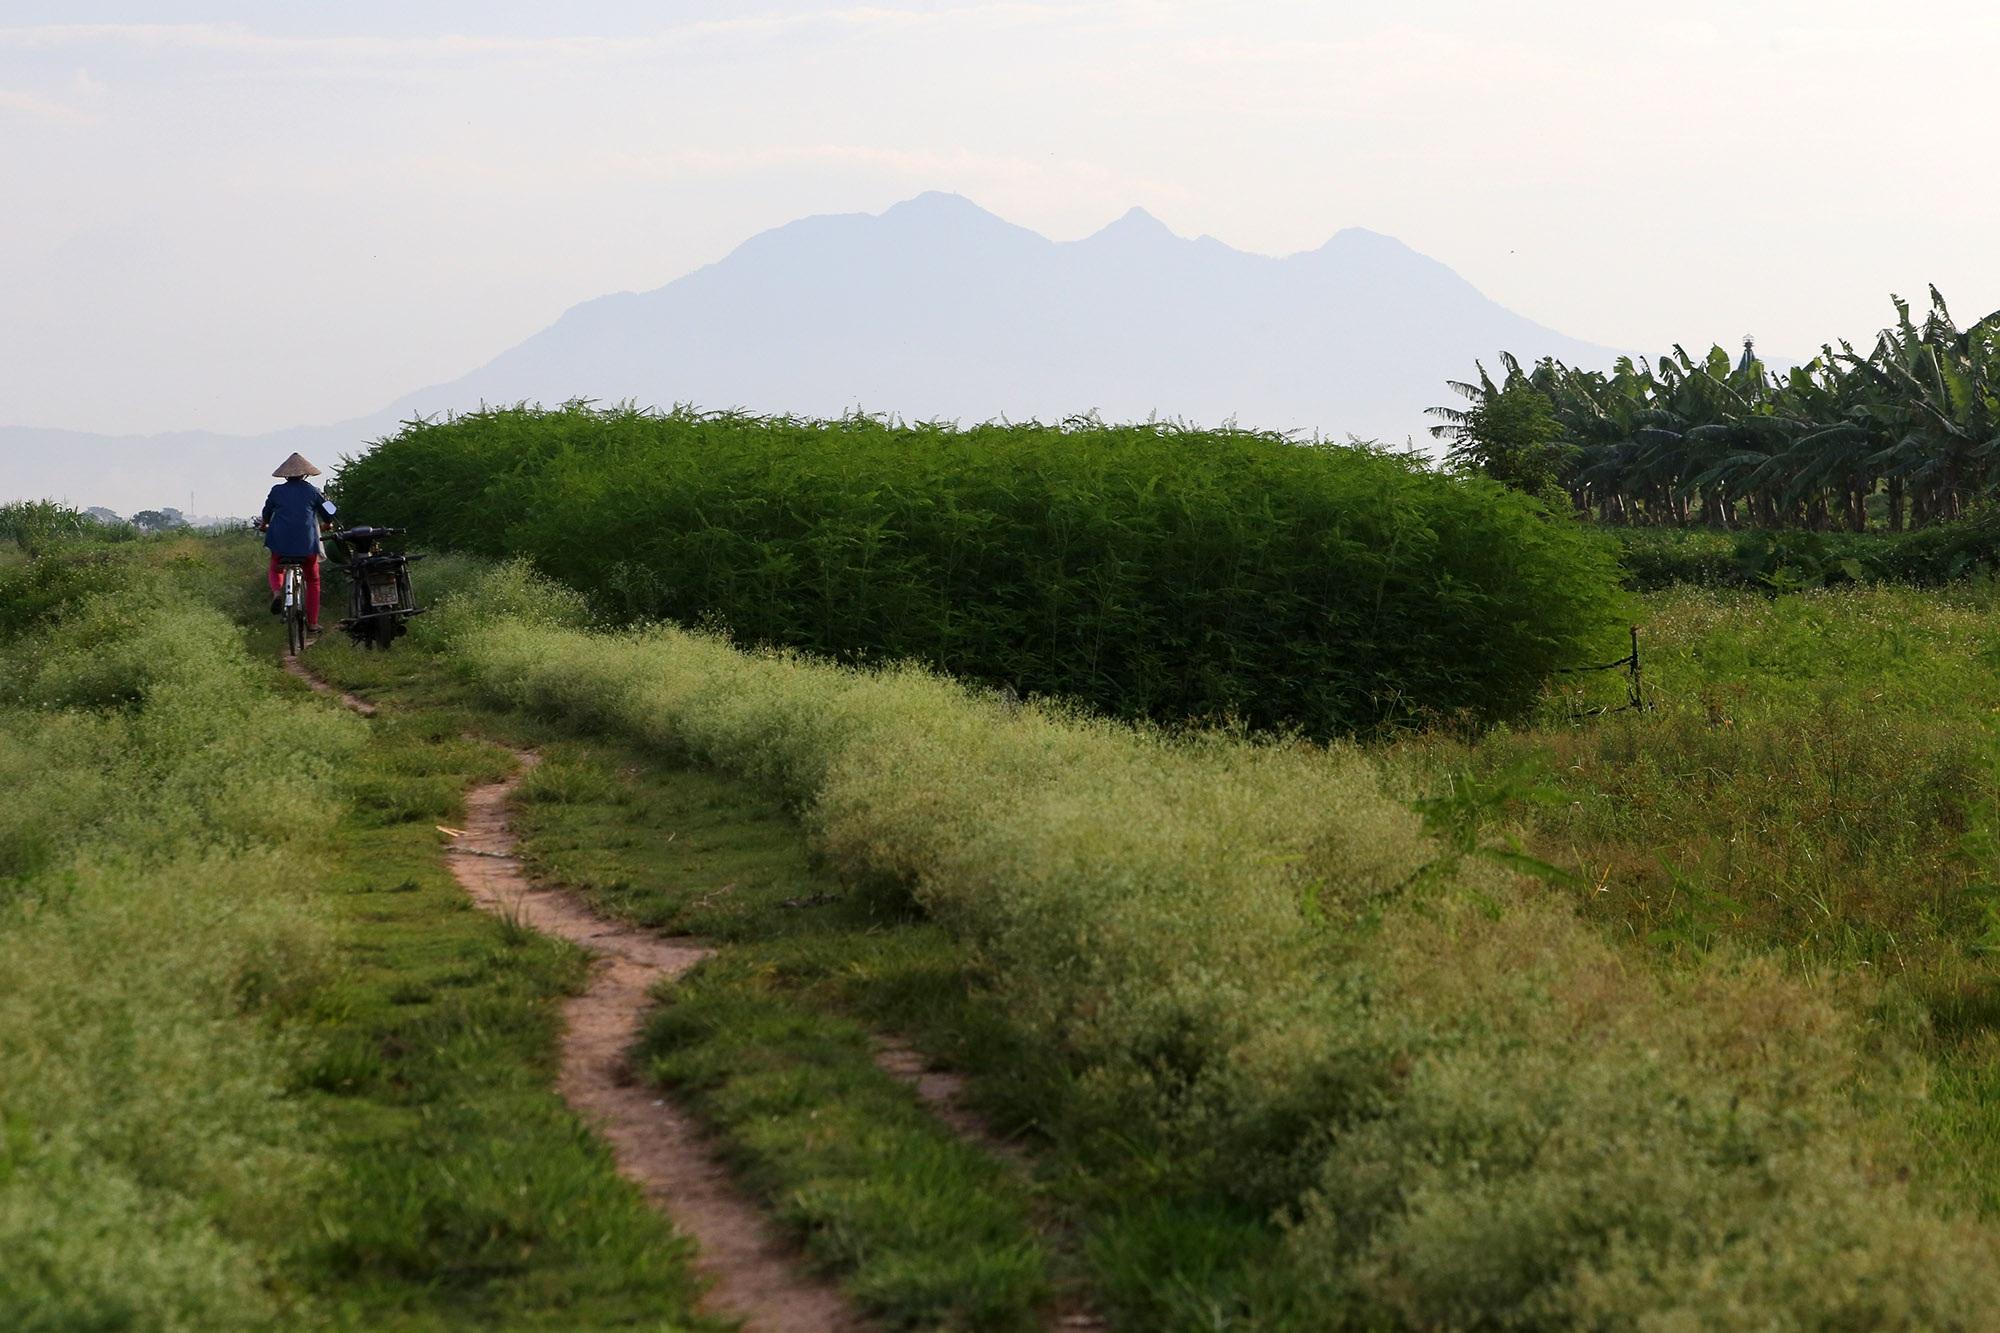 Phong cảnh bình yên nhìn từ những triền đê ở Hà Nội - 12